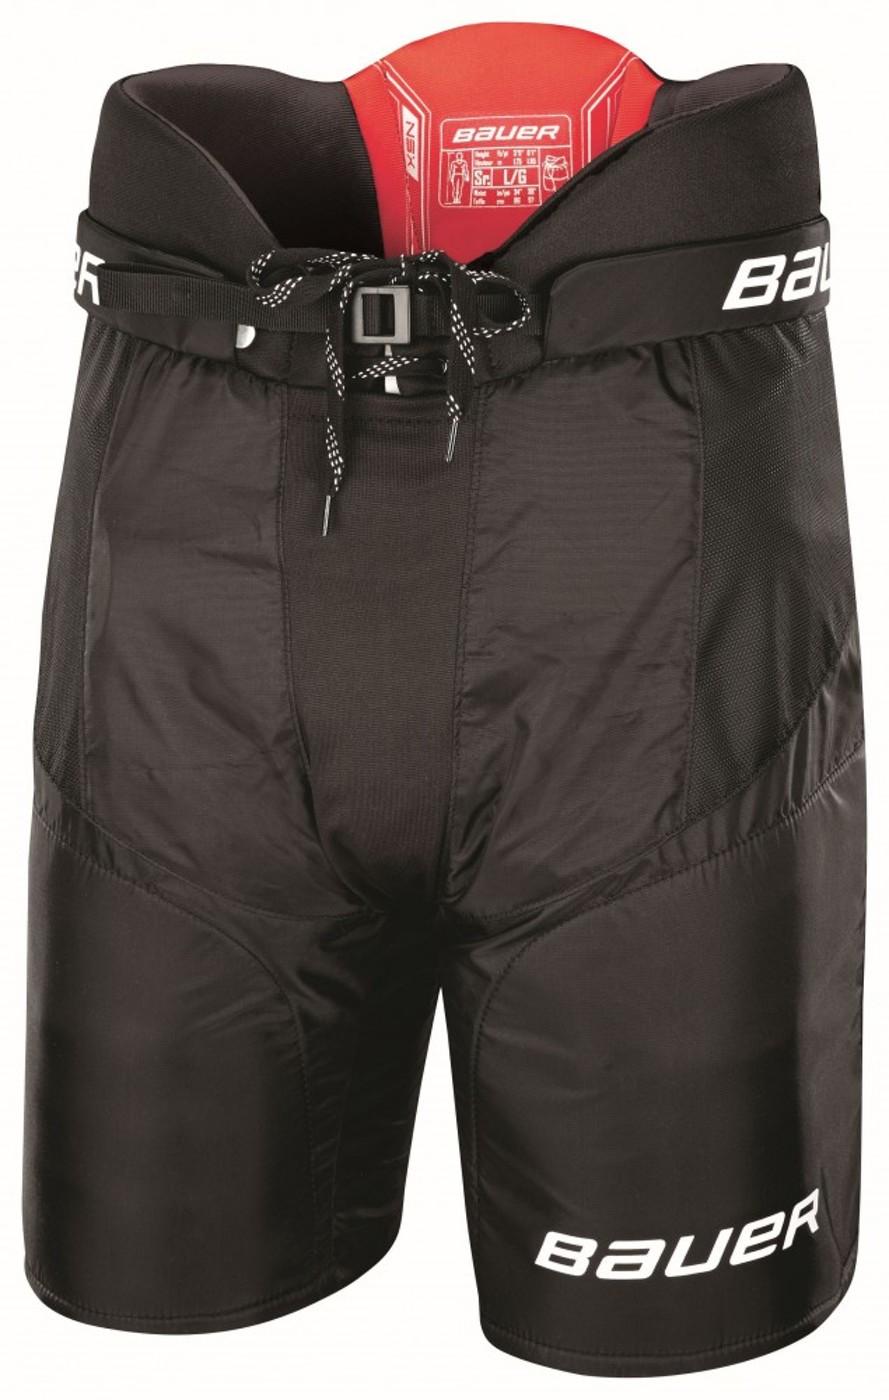 BAUER NSX PANTS - SR